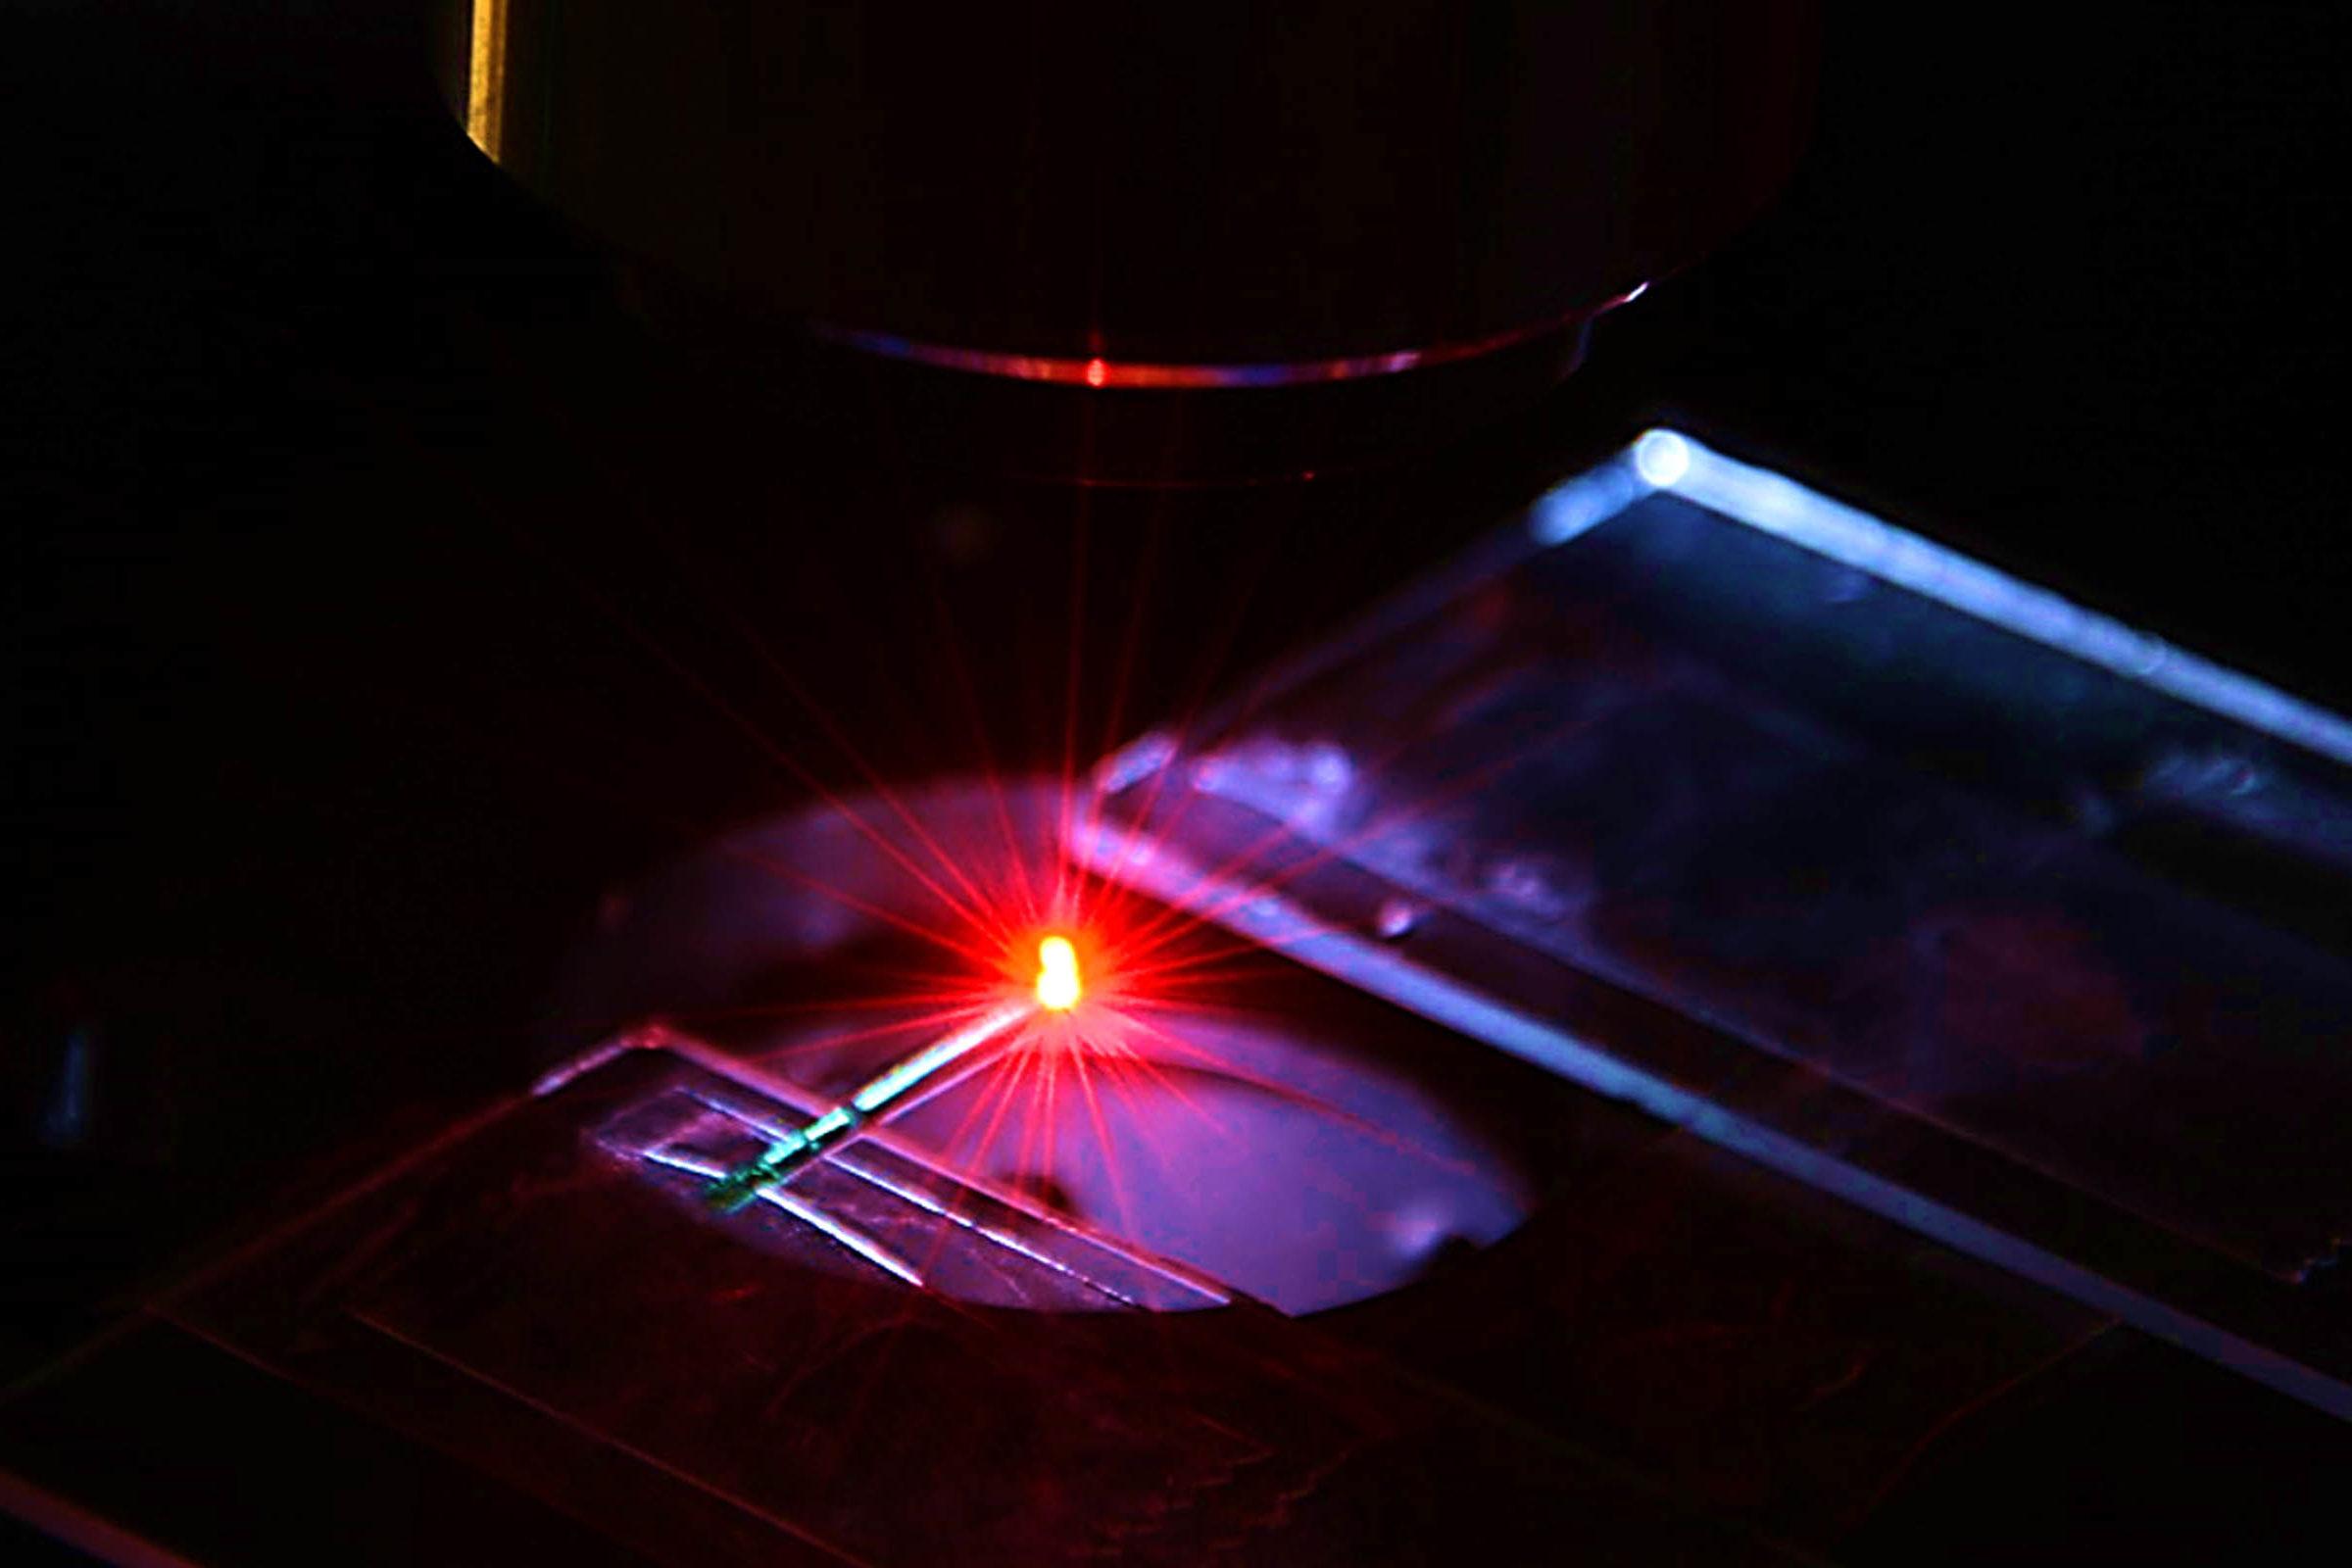 Red laser light hits glass slide.